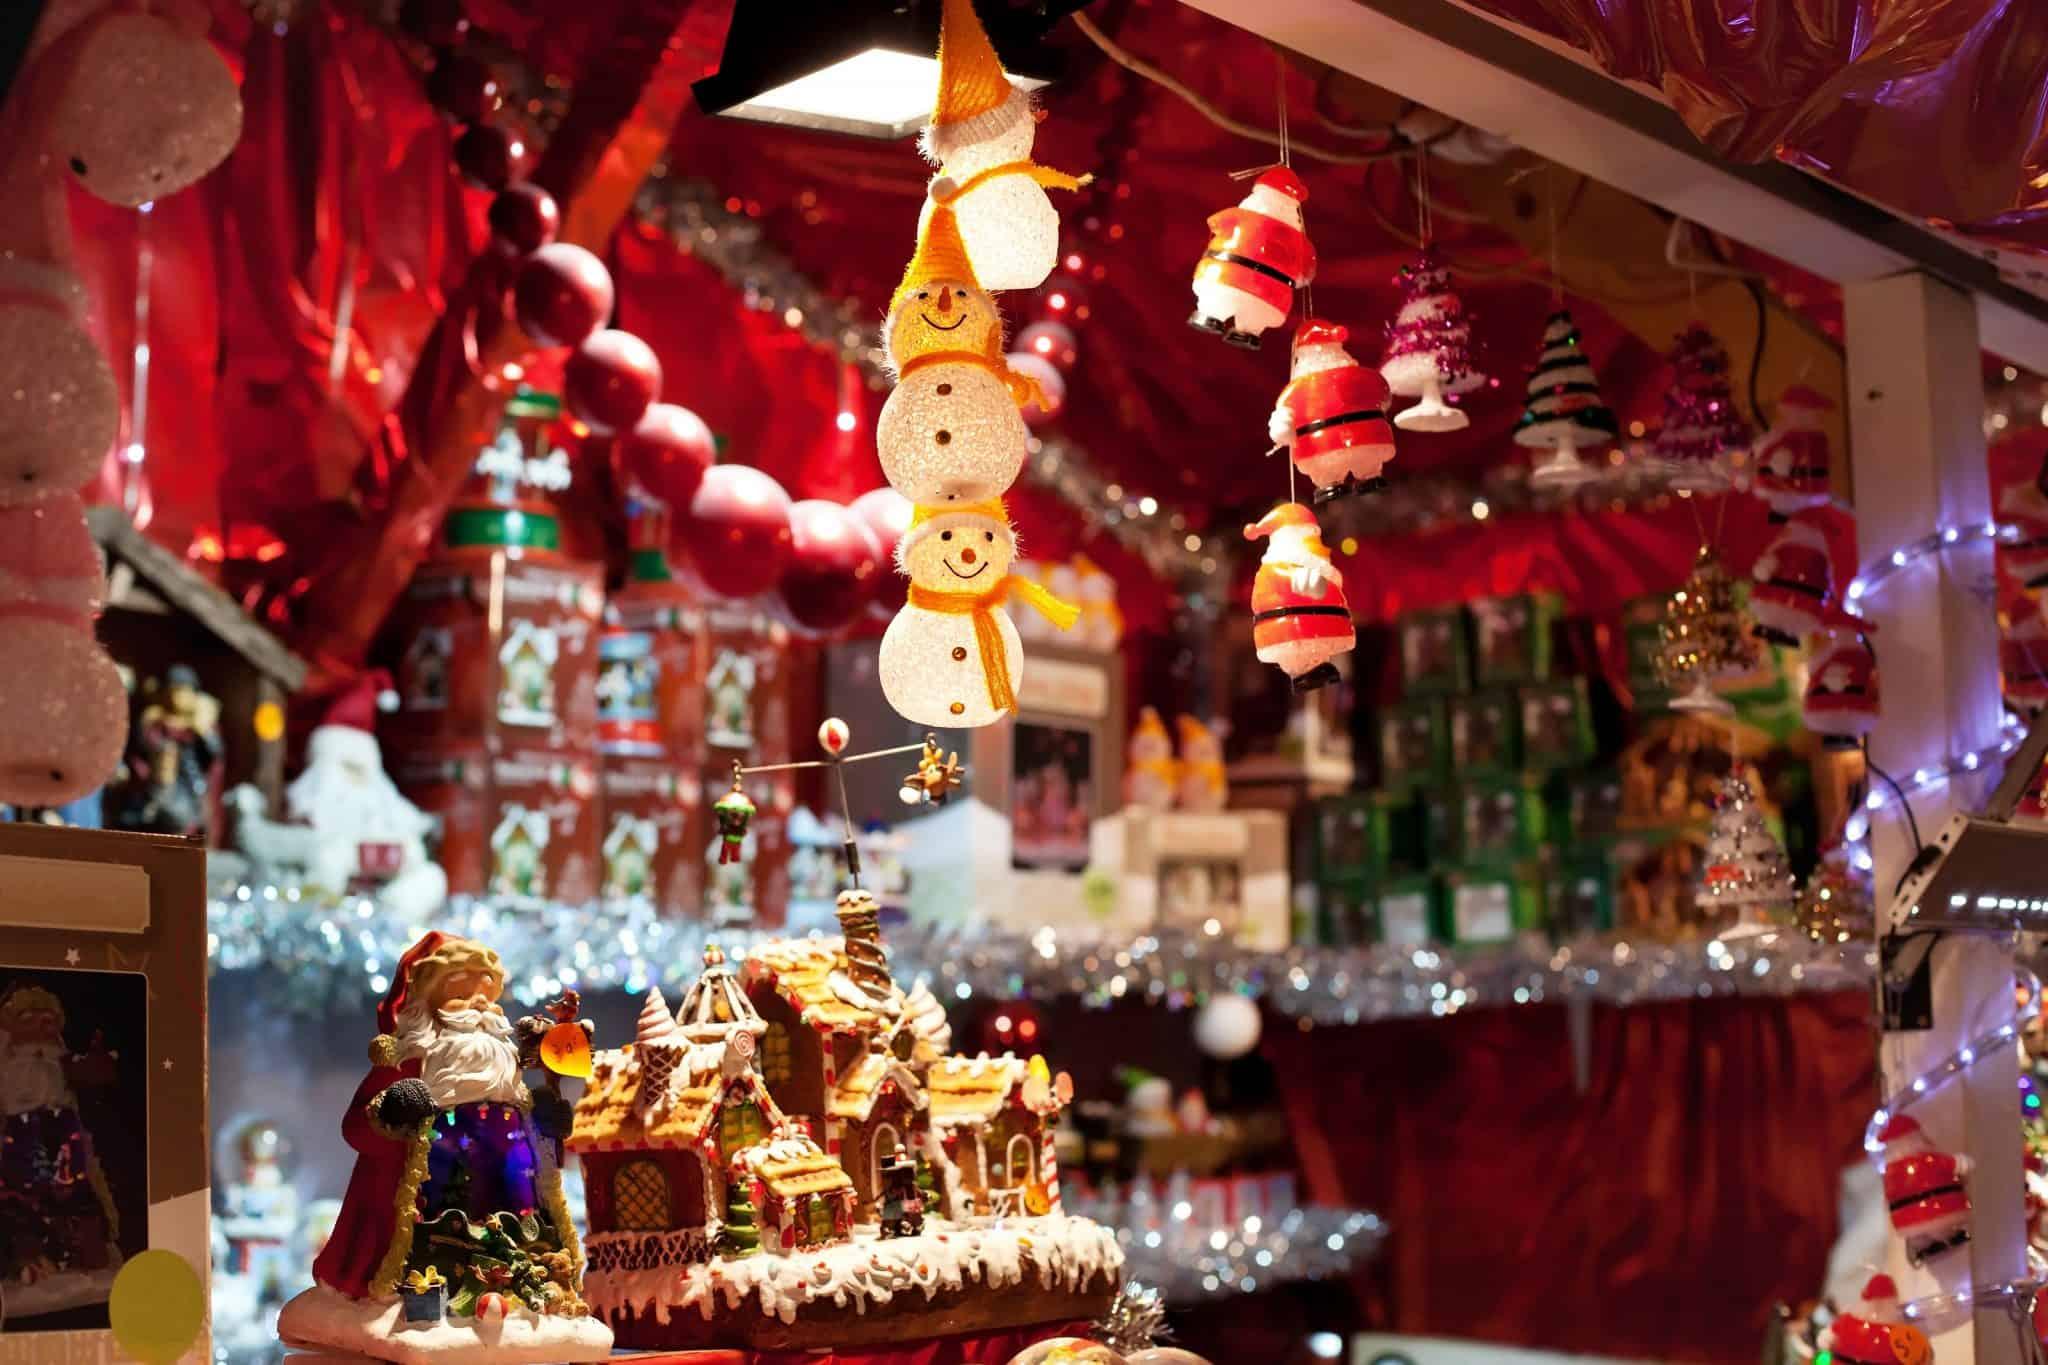 Christmas Display - Canada Christmas traditions